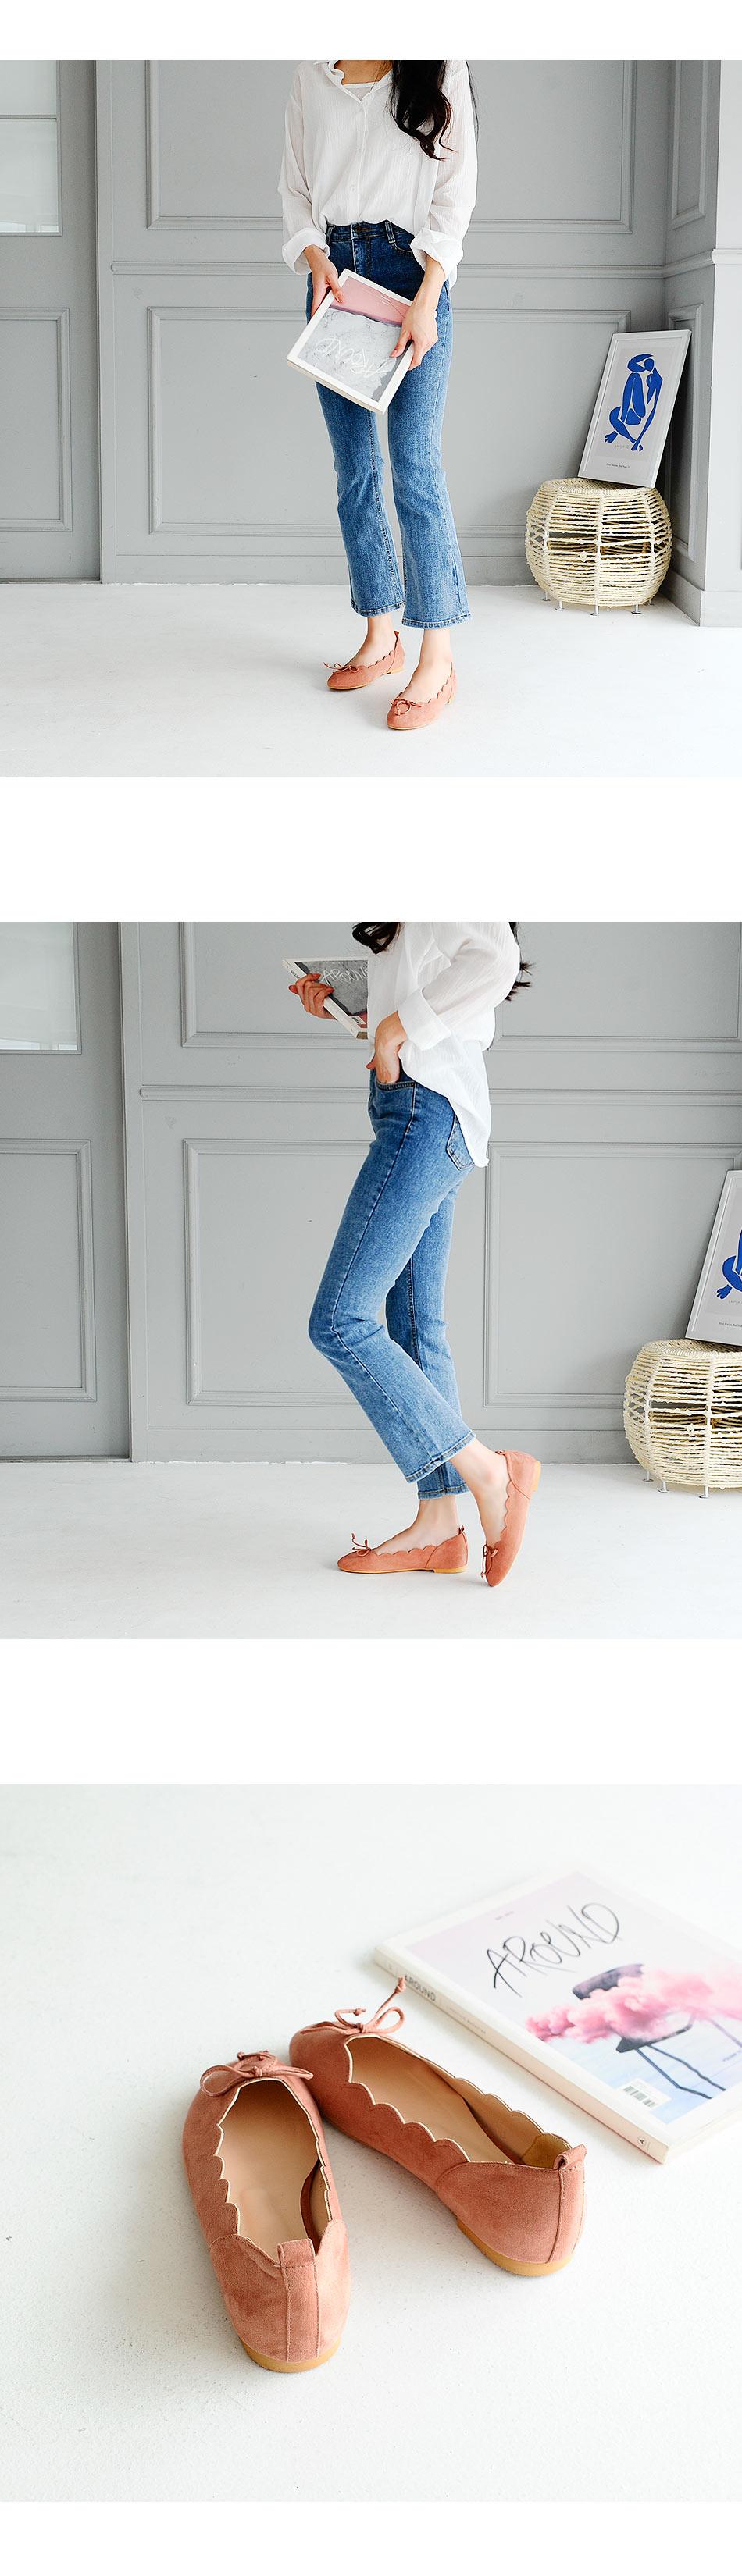 Biella Flat Shoes 1cm